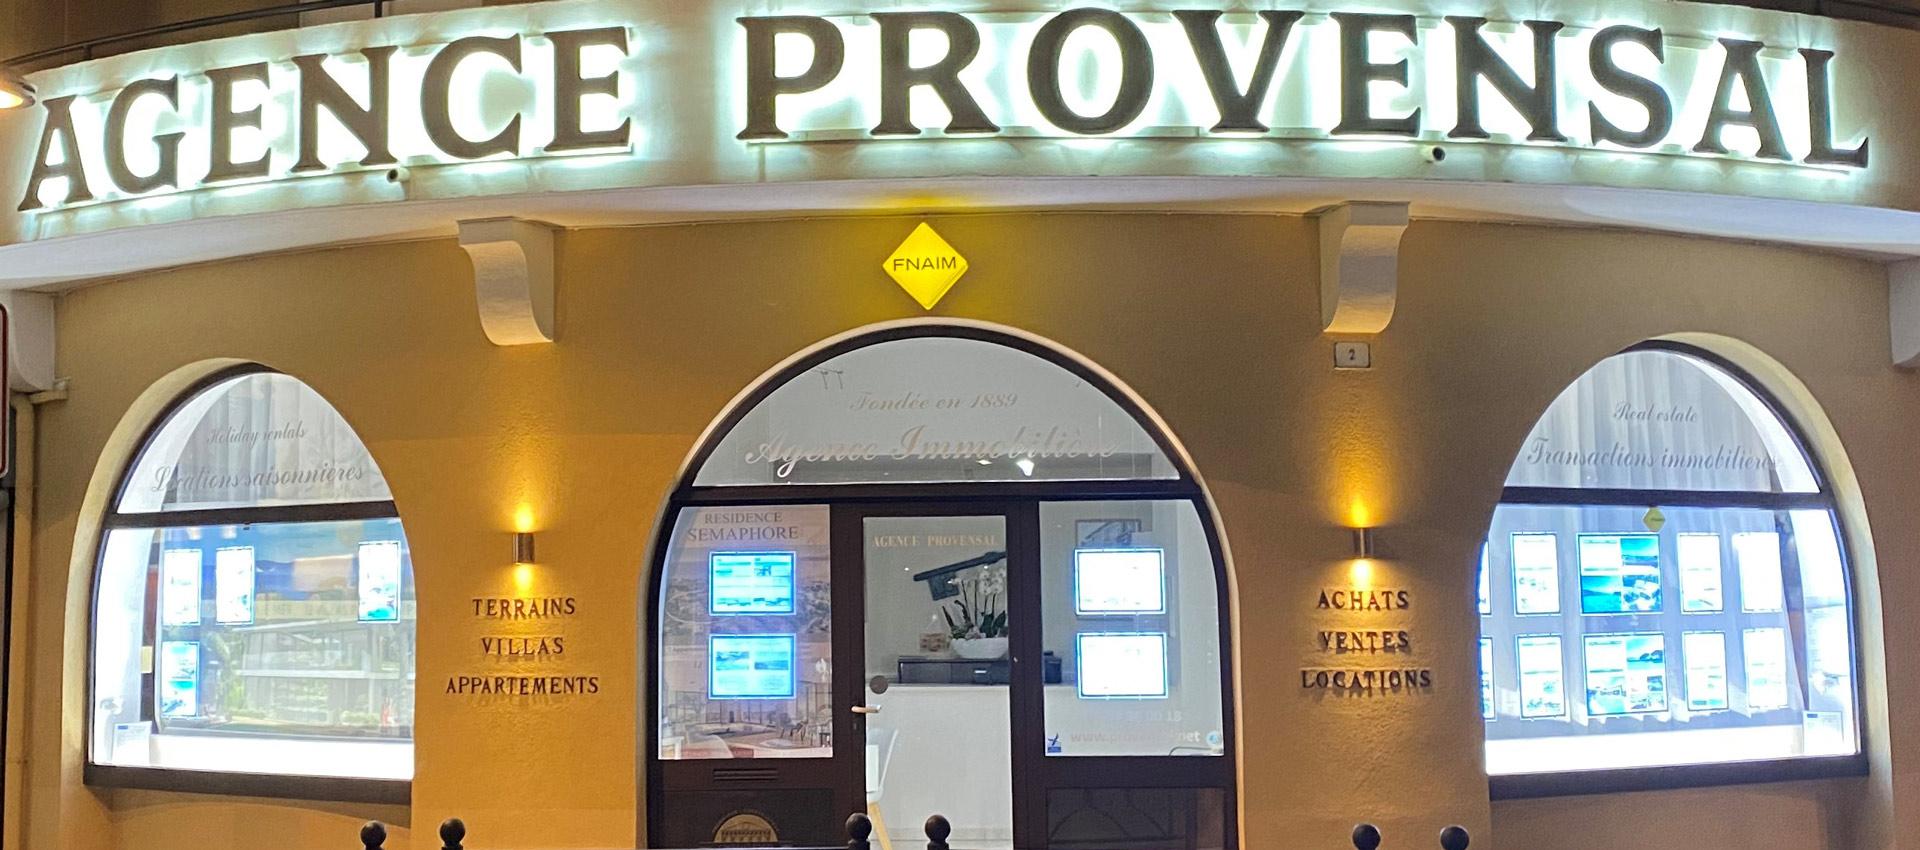 Agence Provensal 3